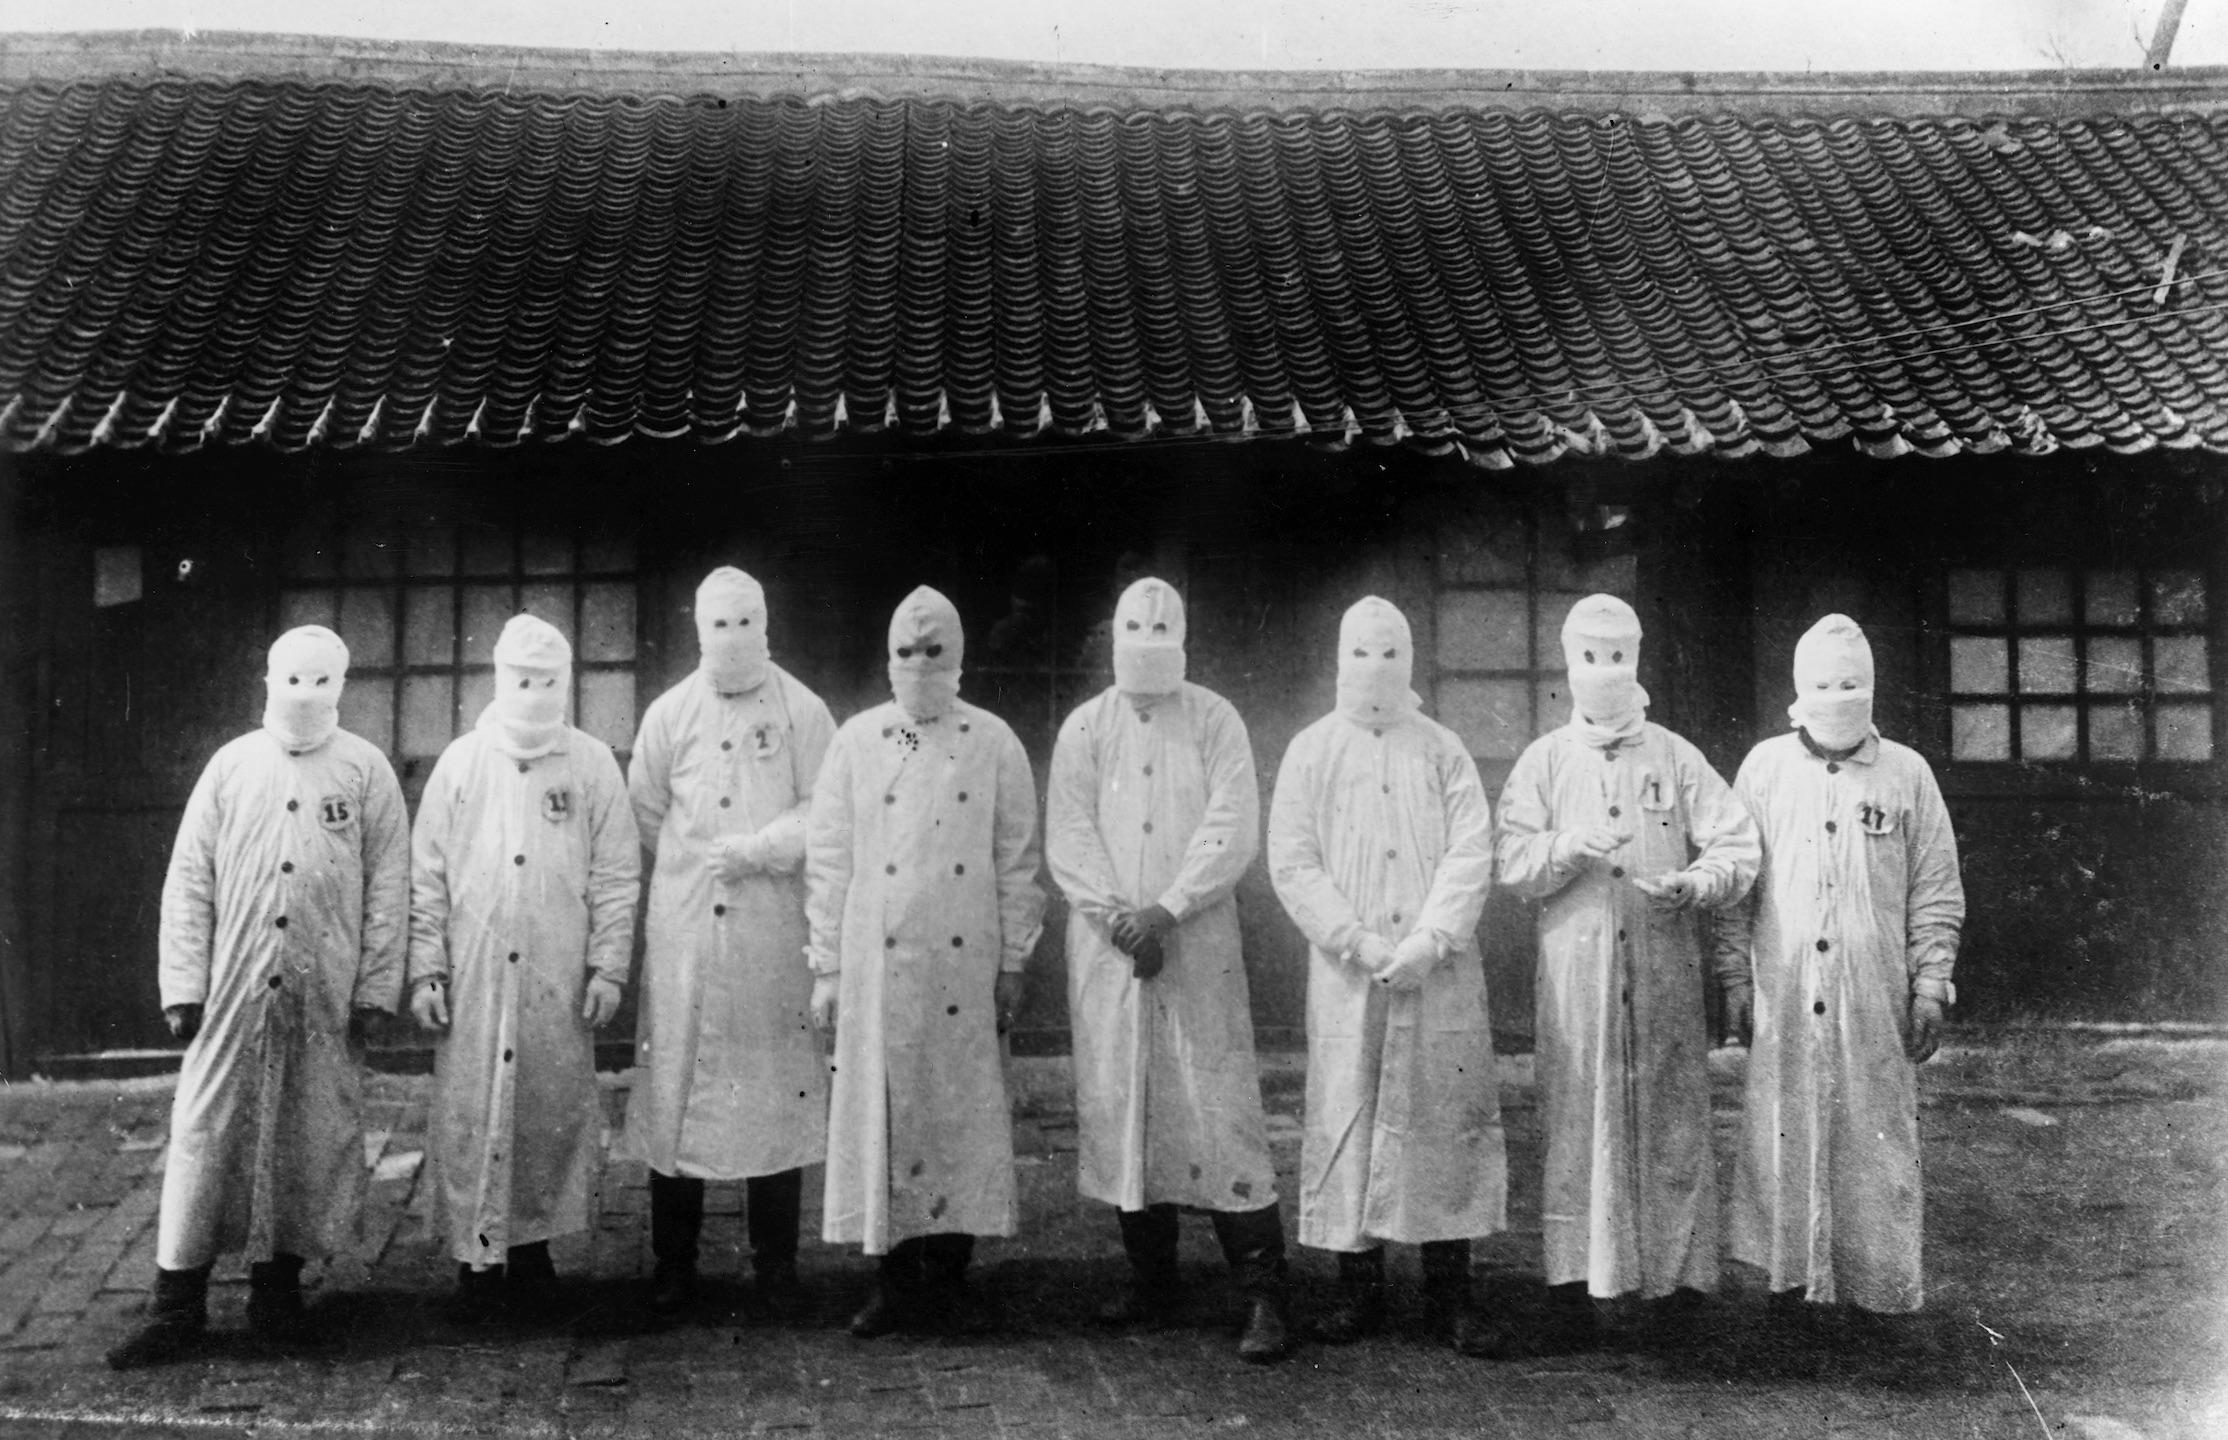 伍連德是近代第一個改良、宣導配戴口罩的公衛專家,「伍式口罩」成為滿州鼠疫的防護標誌。這場瘟疫之戰也讓他獲得諾貝爾提名,成為華人史上第一人。圖│Institut Pasteur/Archives Henri Mollaret,universityl pf cambridge